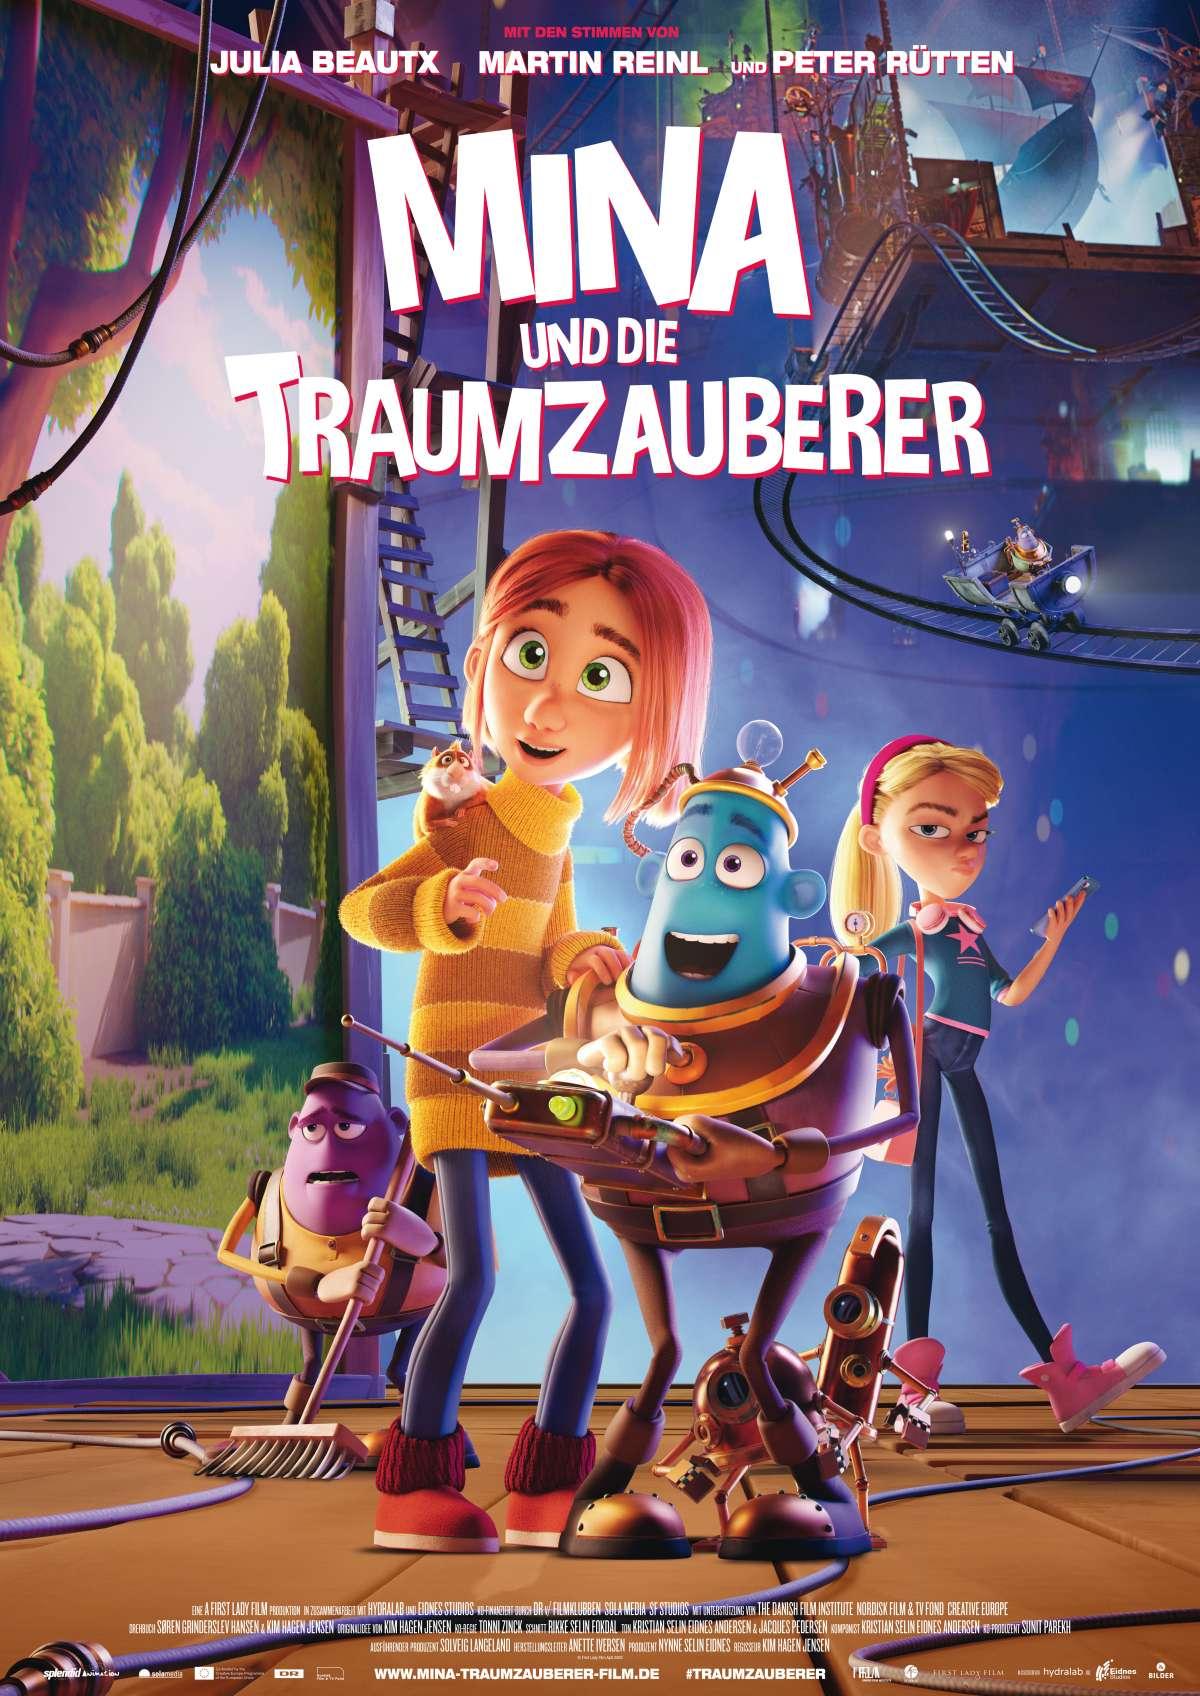 Mina und die Traumzauberer - Pollux by Cineplex  - Paderborn